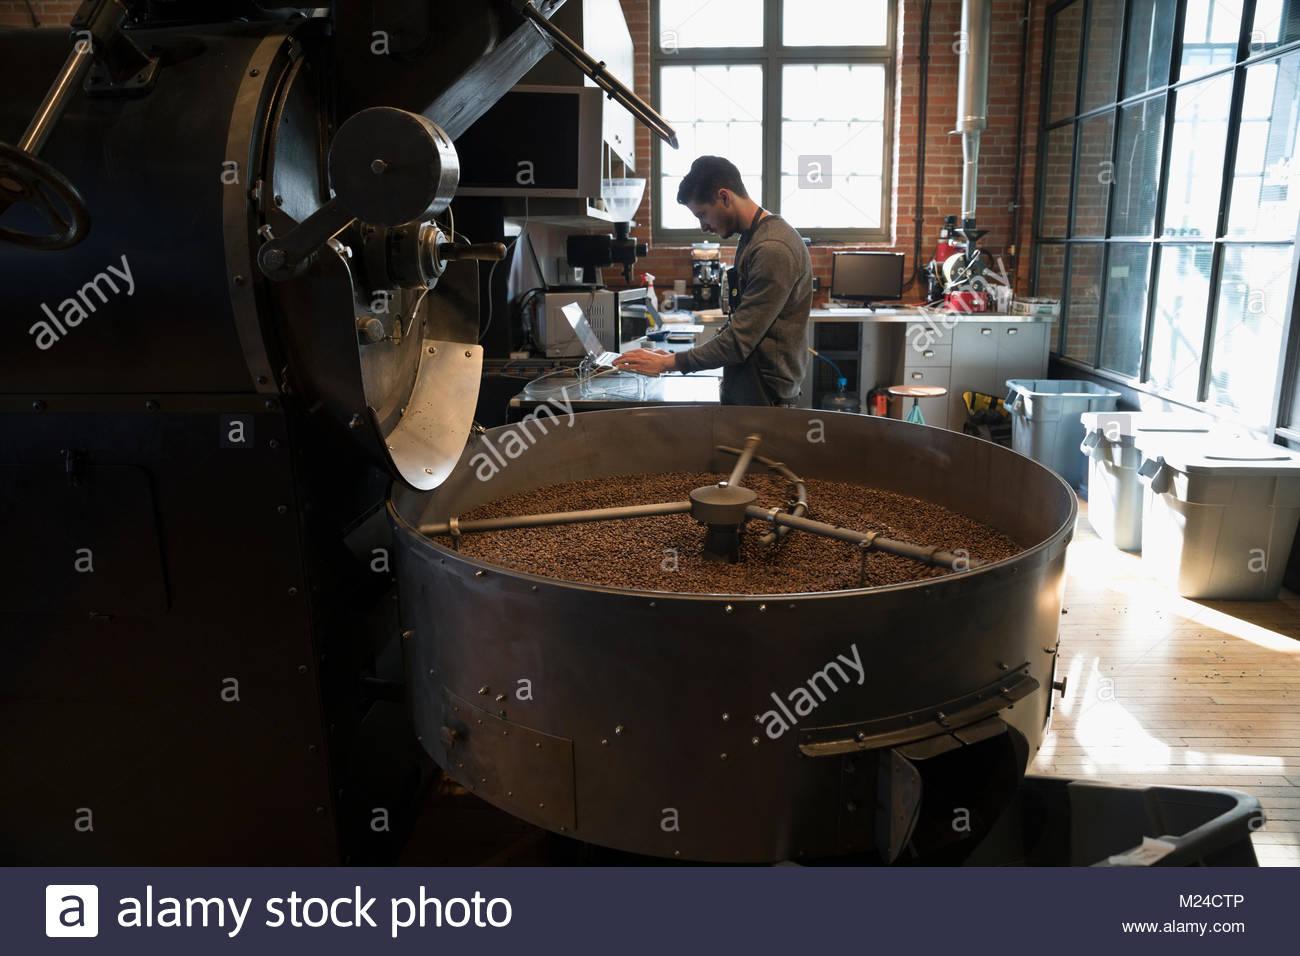 Café mâle à l'aide de grillage coffre à côté de la torréfaction de café Photo Stock